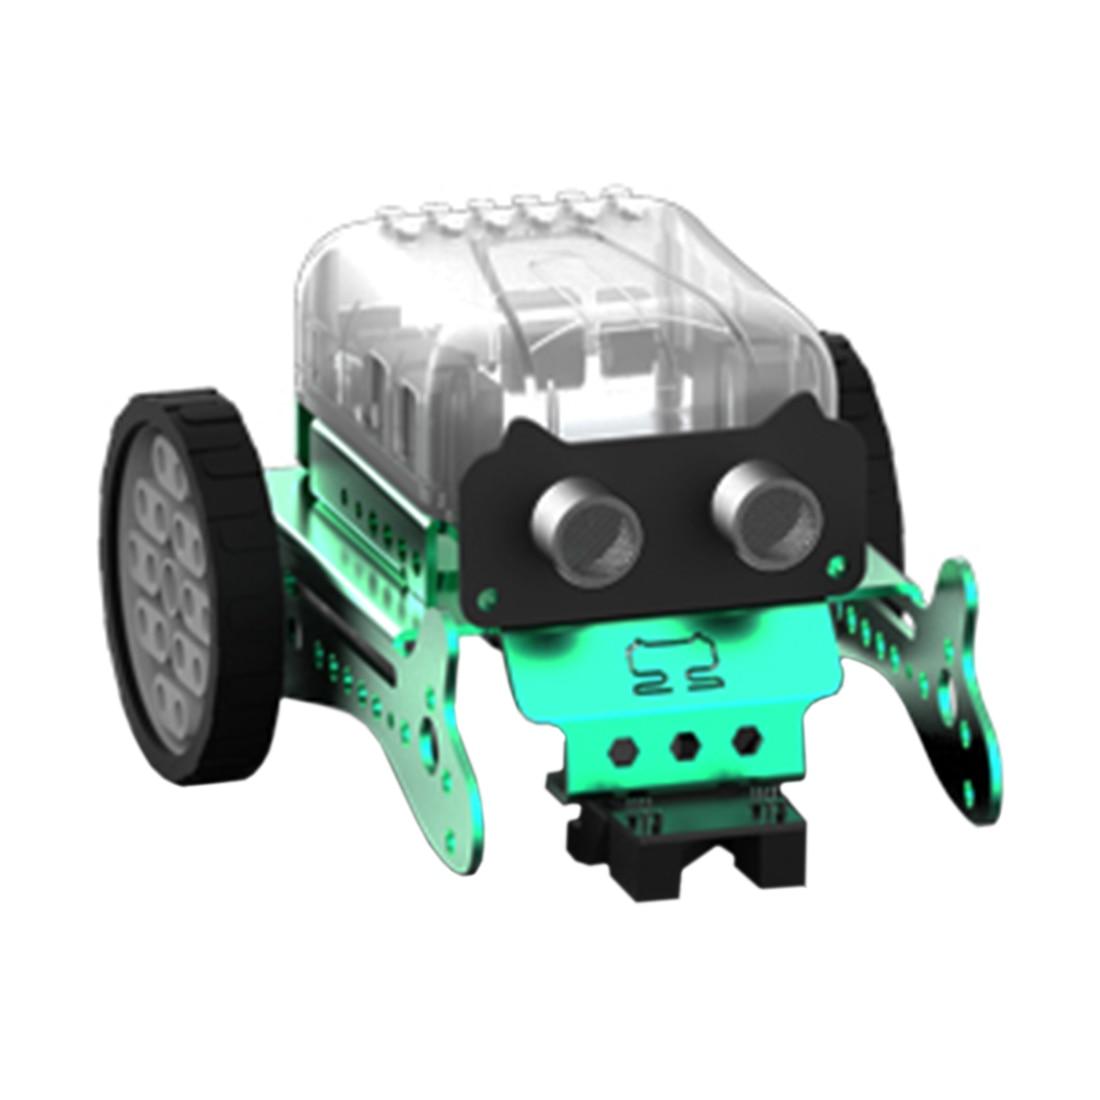 Сделай Сам Нео Программирование царапина Интеллектуальный автомобиль избегания препятствий робот набор для детей подарок игрушка модель мини умный робот-зеленый красный